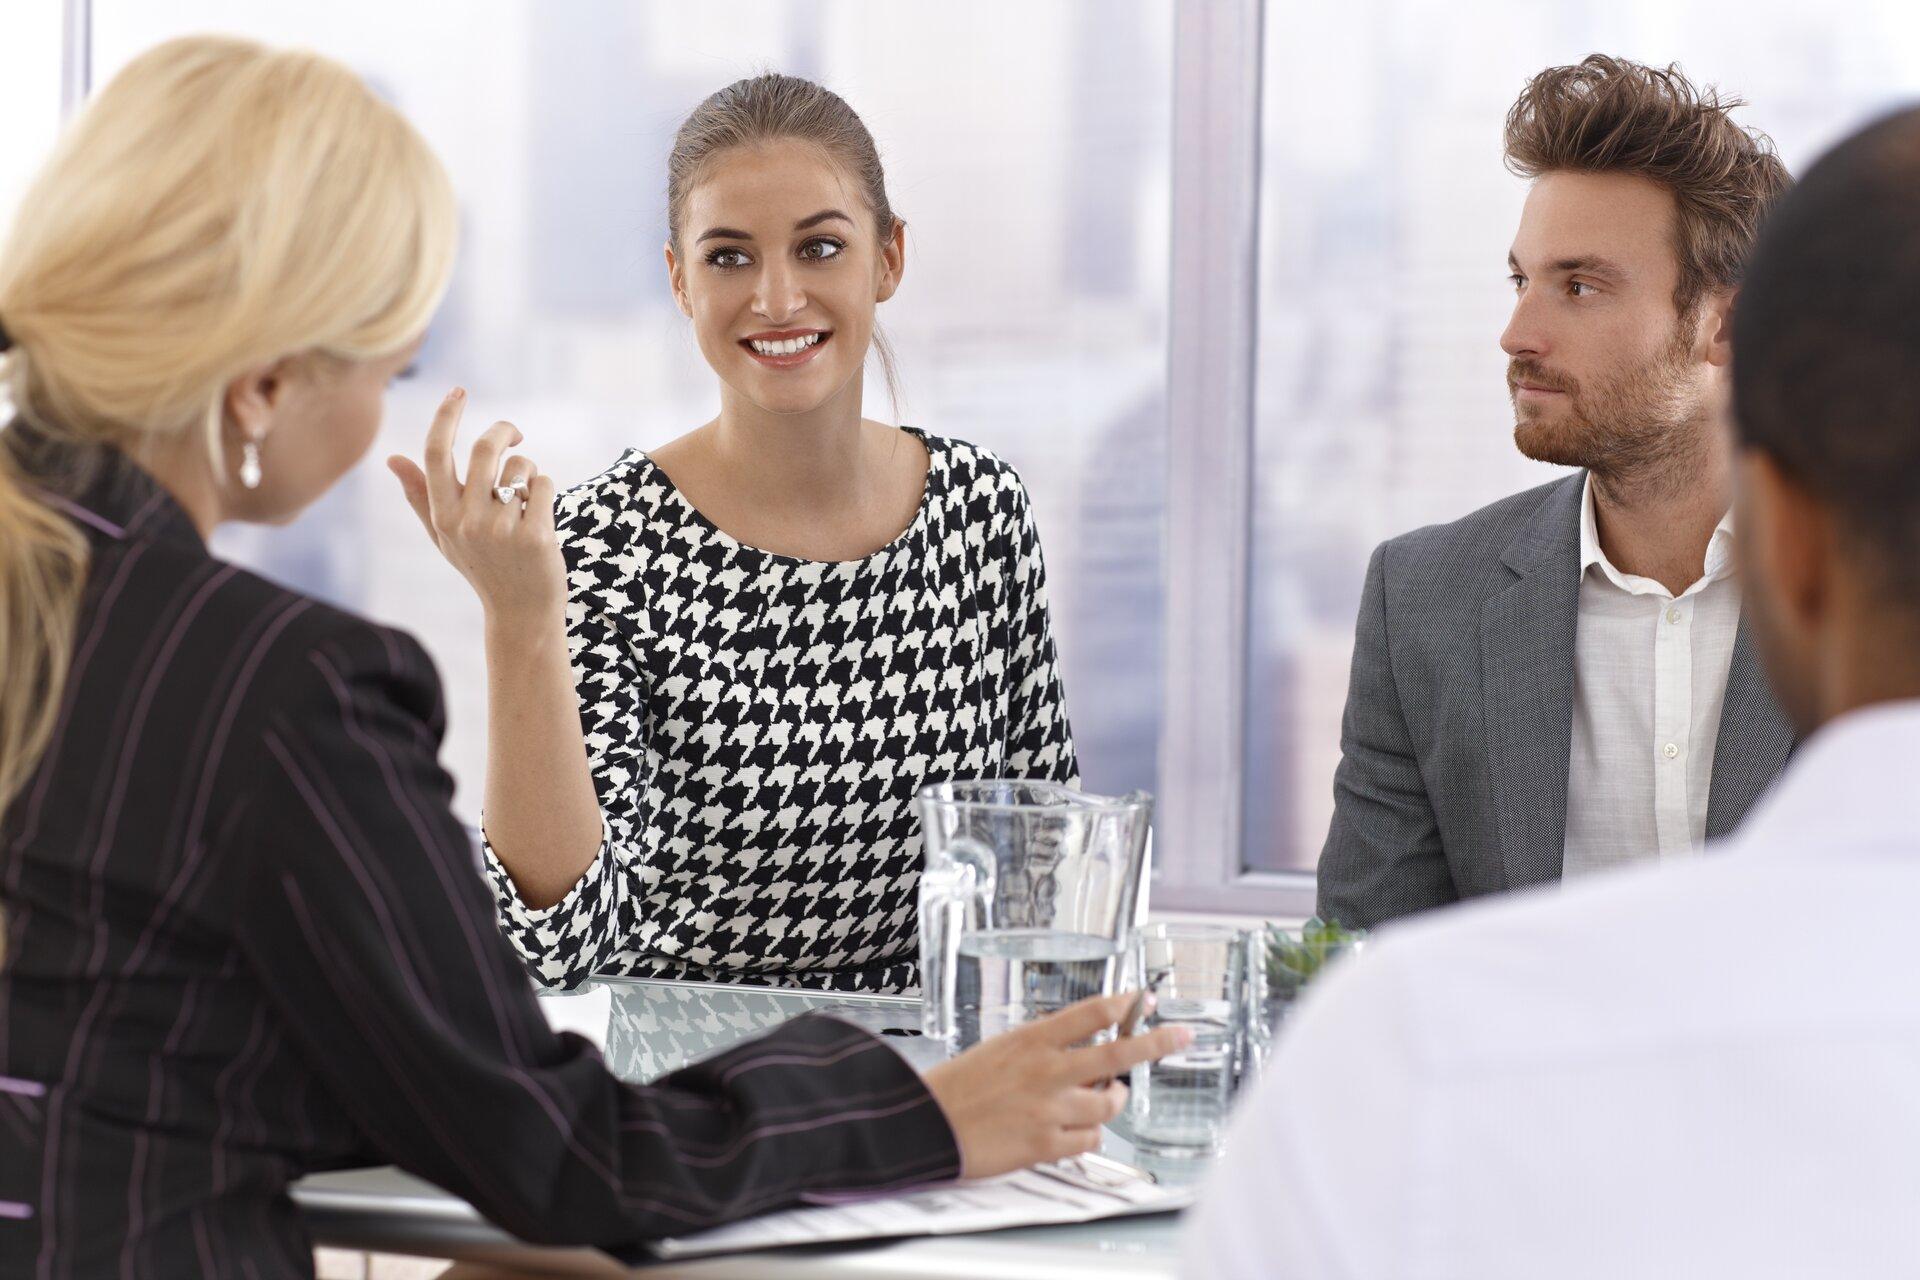 Ilustracja przedstawia grupę ludzi rozmawiających podczas spotkania biznesowego. Przy stole siedzą dwie kobiety idwóch mężczyzn.